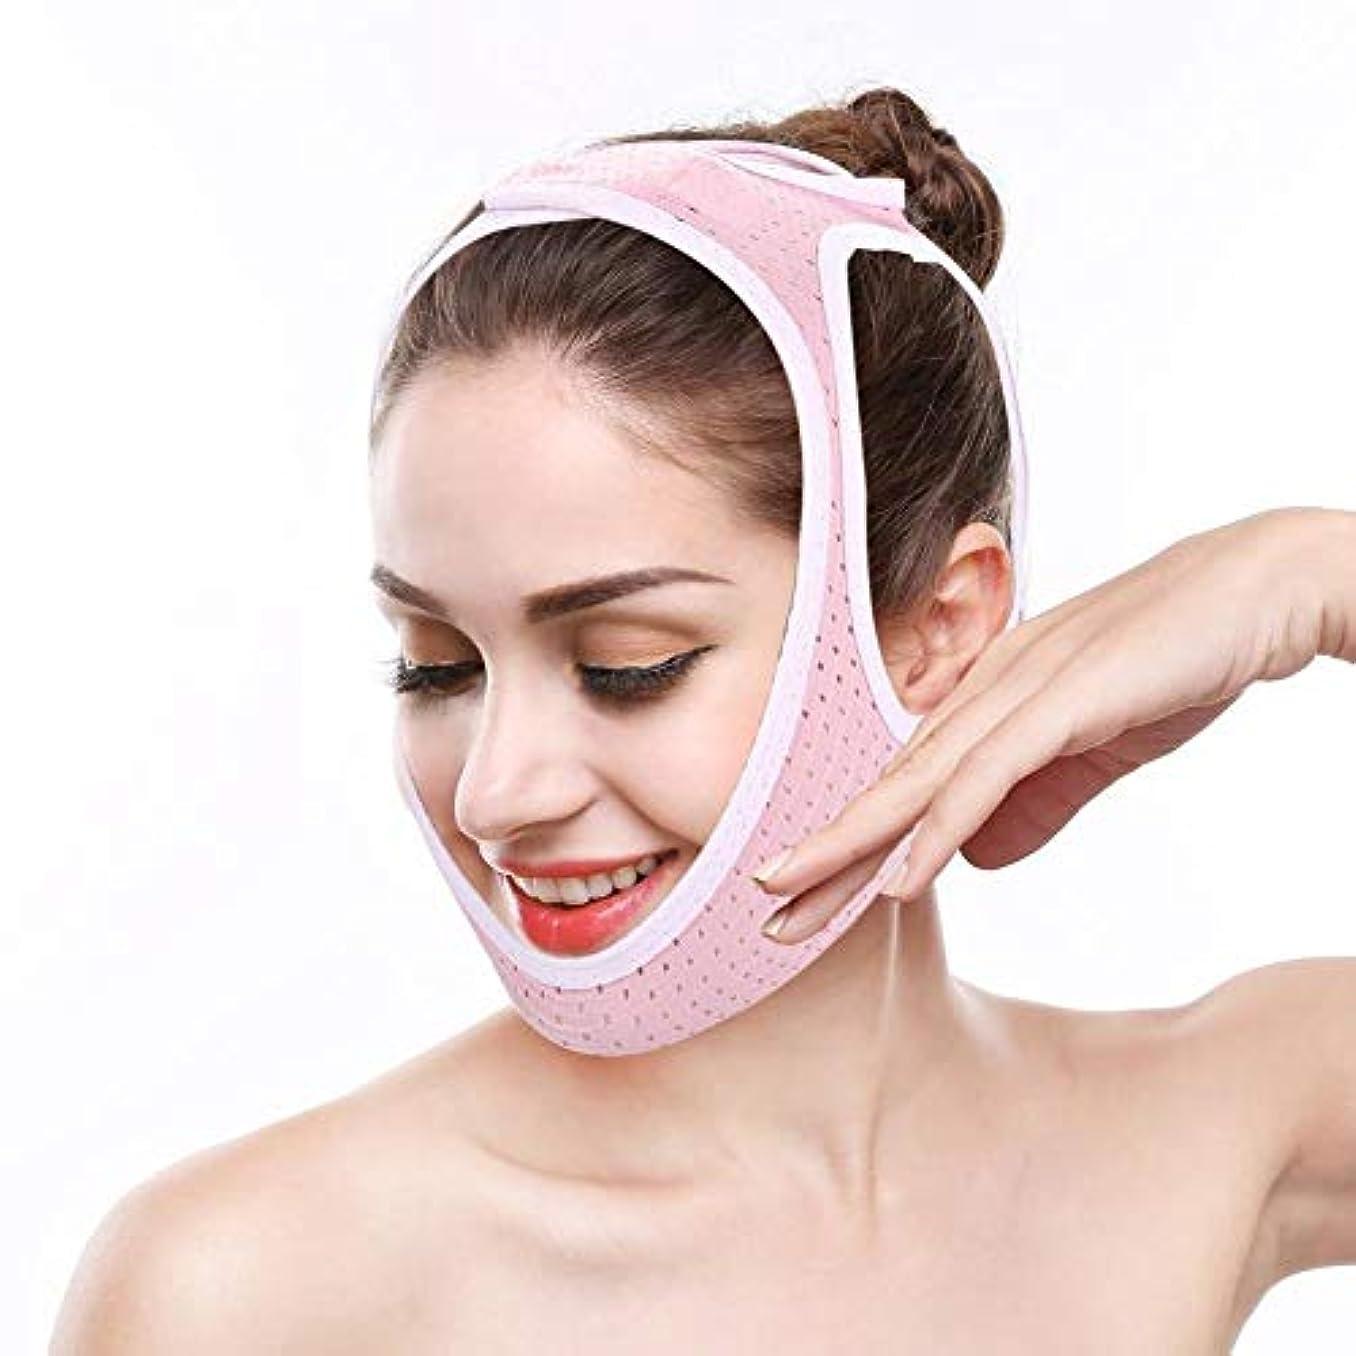 思慮深い葉巻痛み二重あごを減らすための減量用フェイスマスク、減量用フェイスマスク(L)